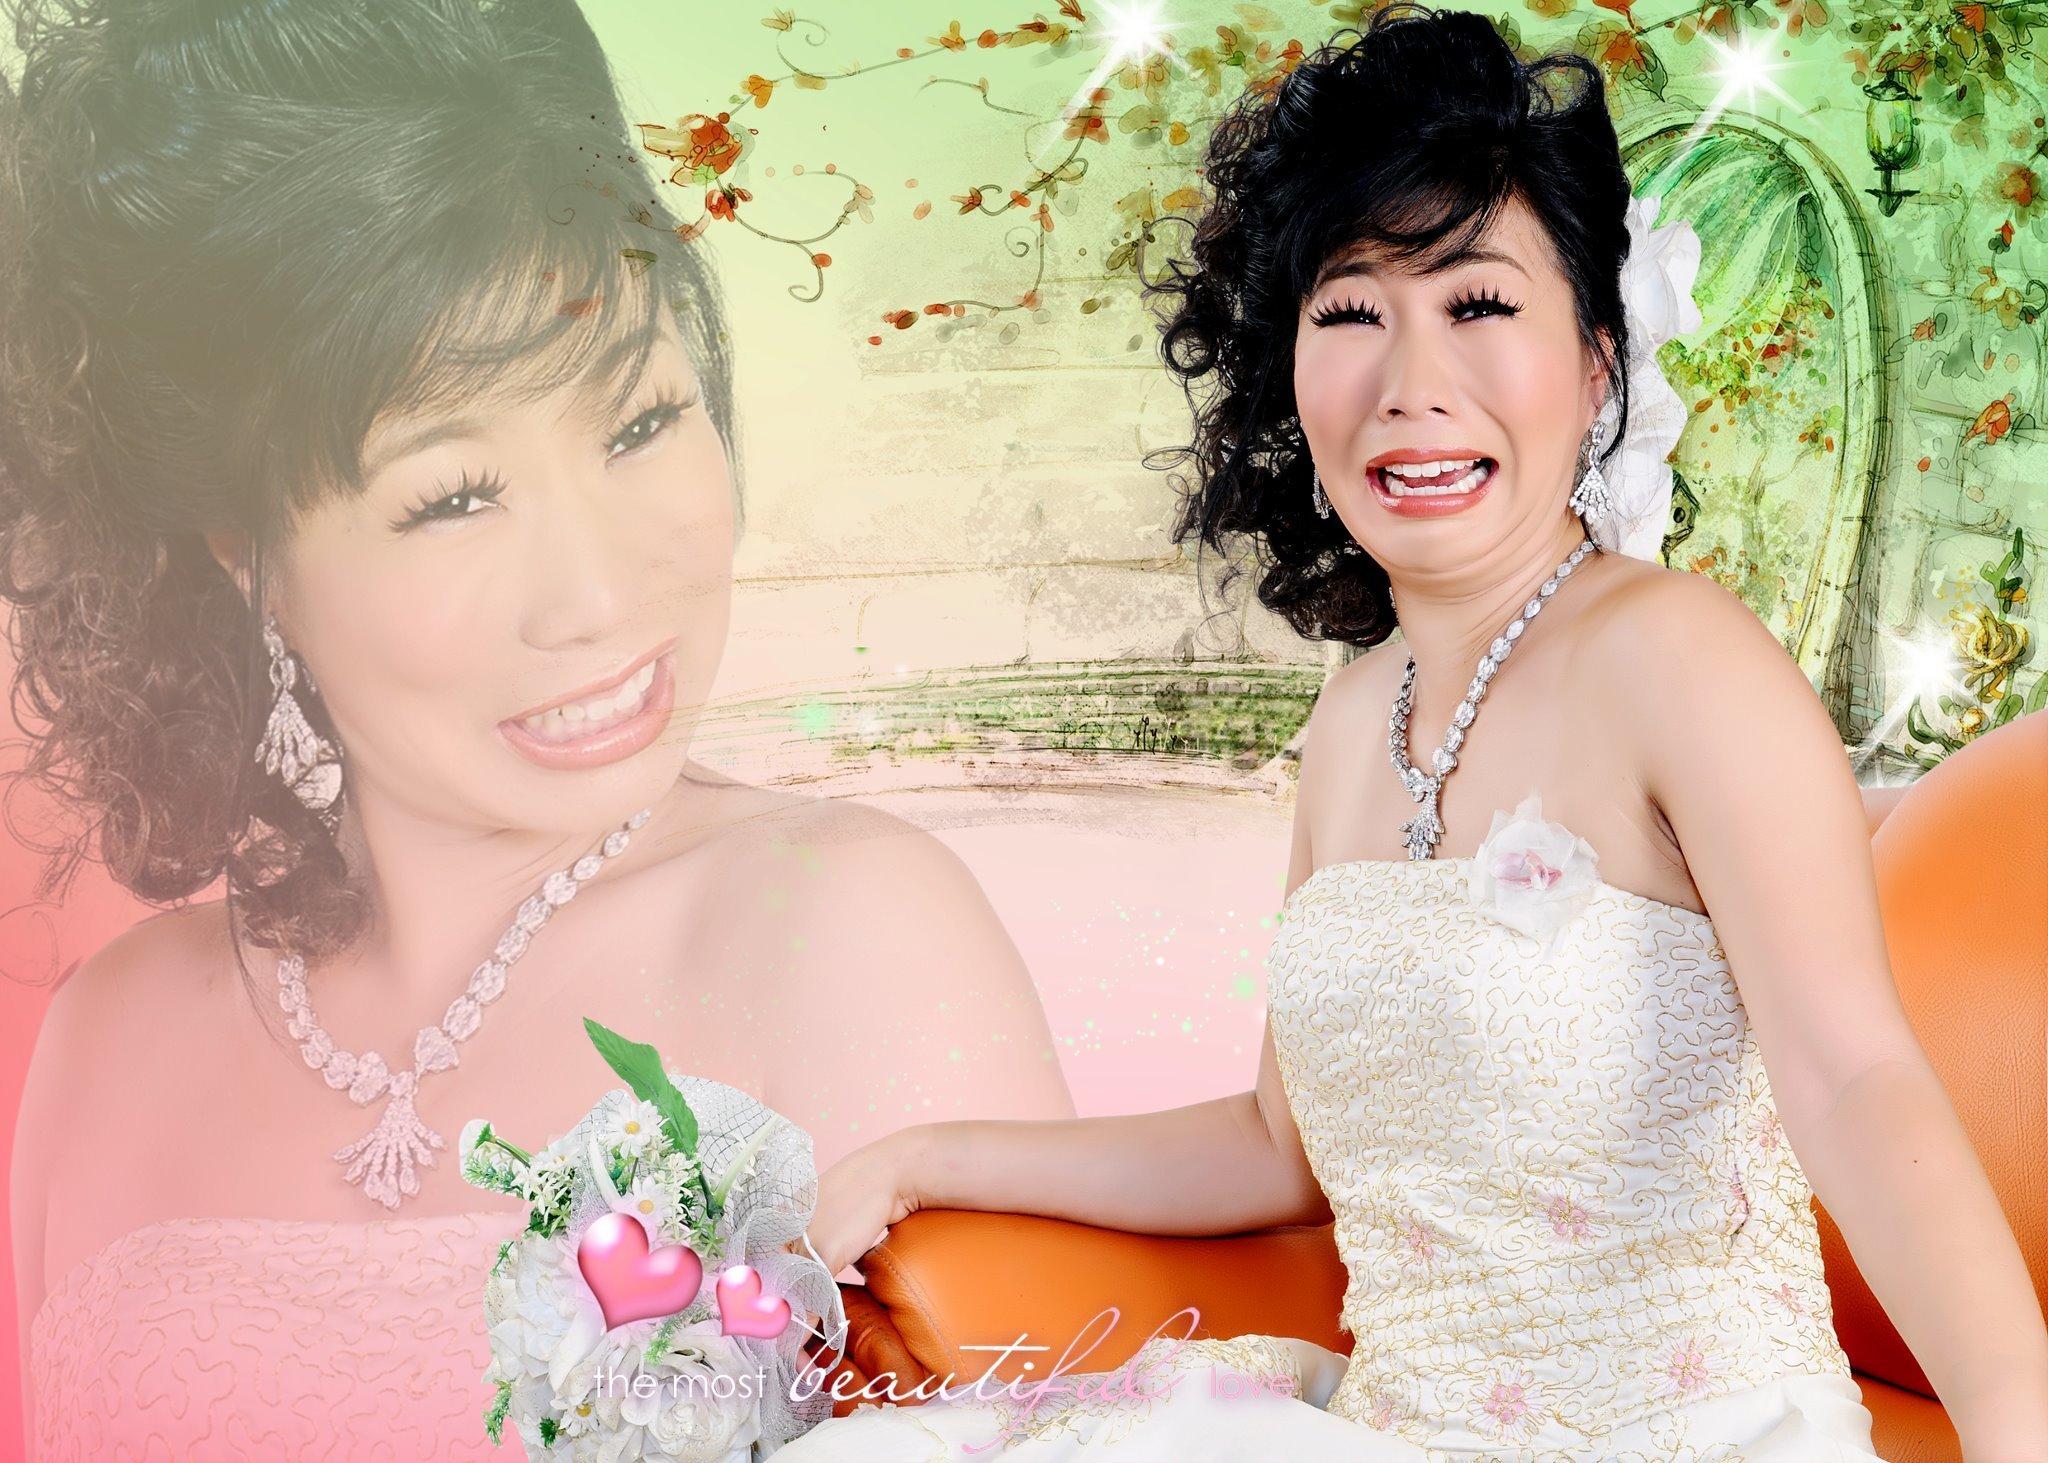 Asian women white men dating site